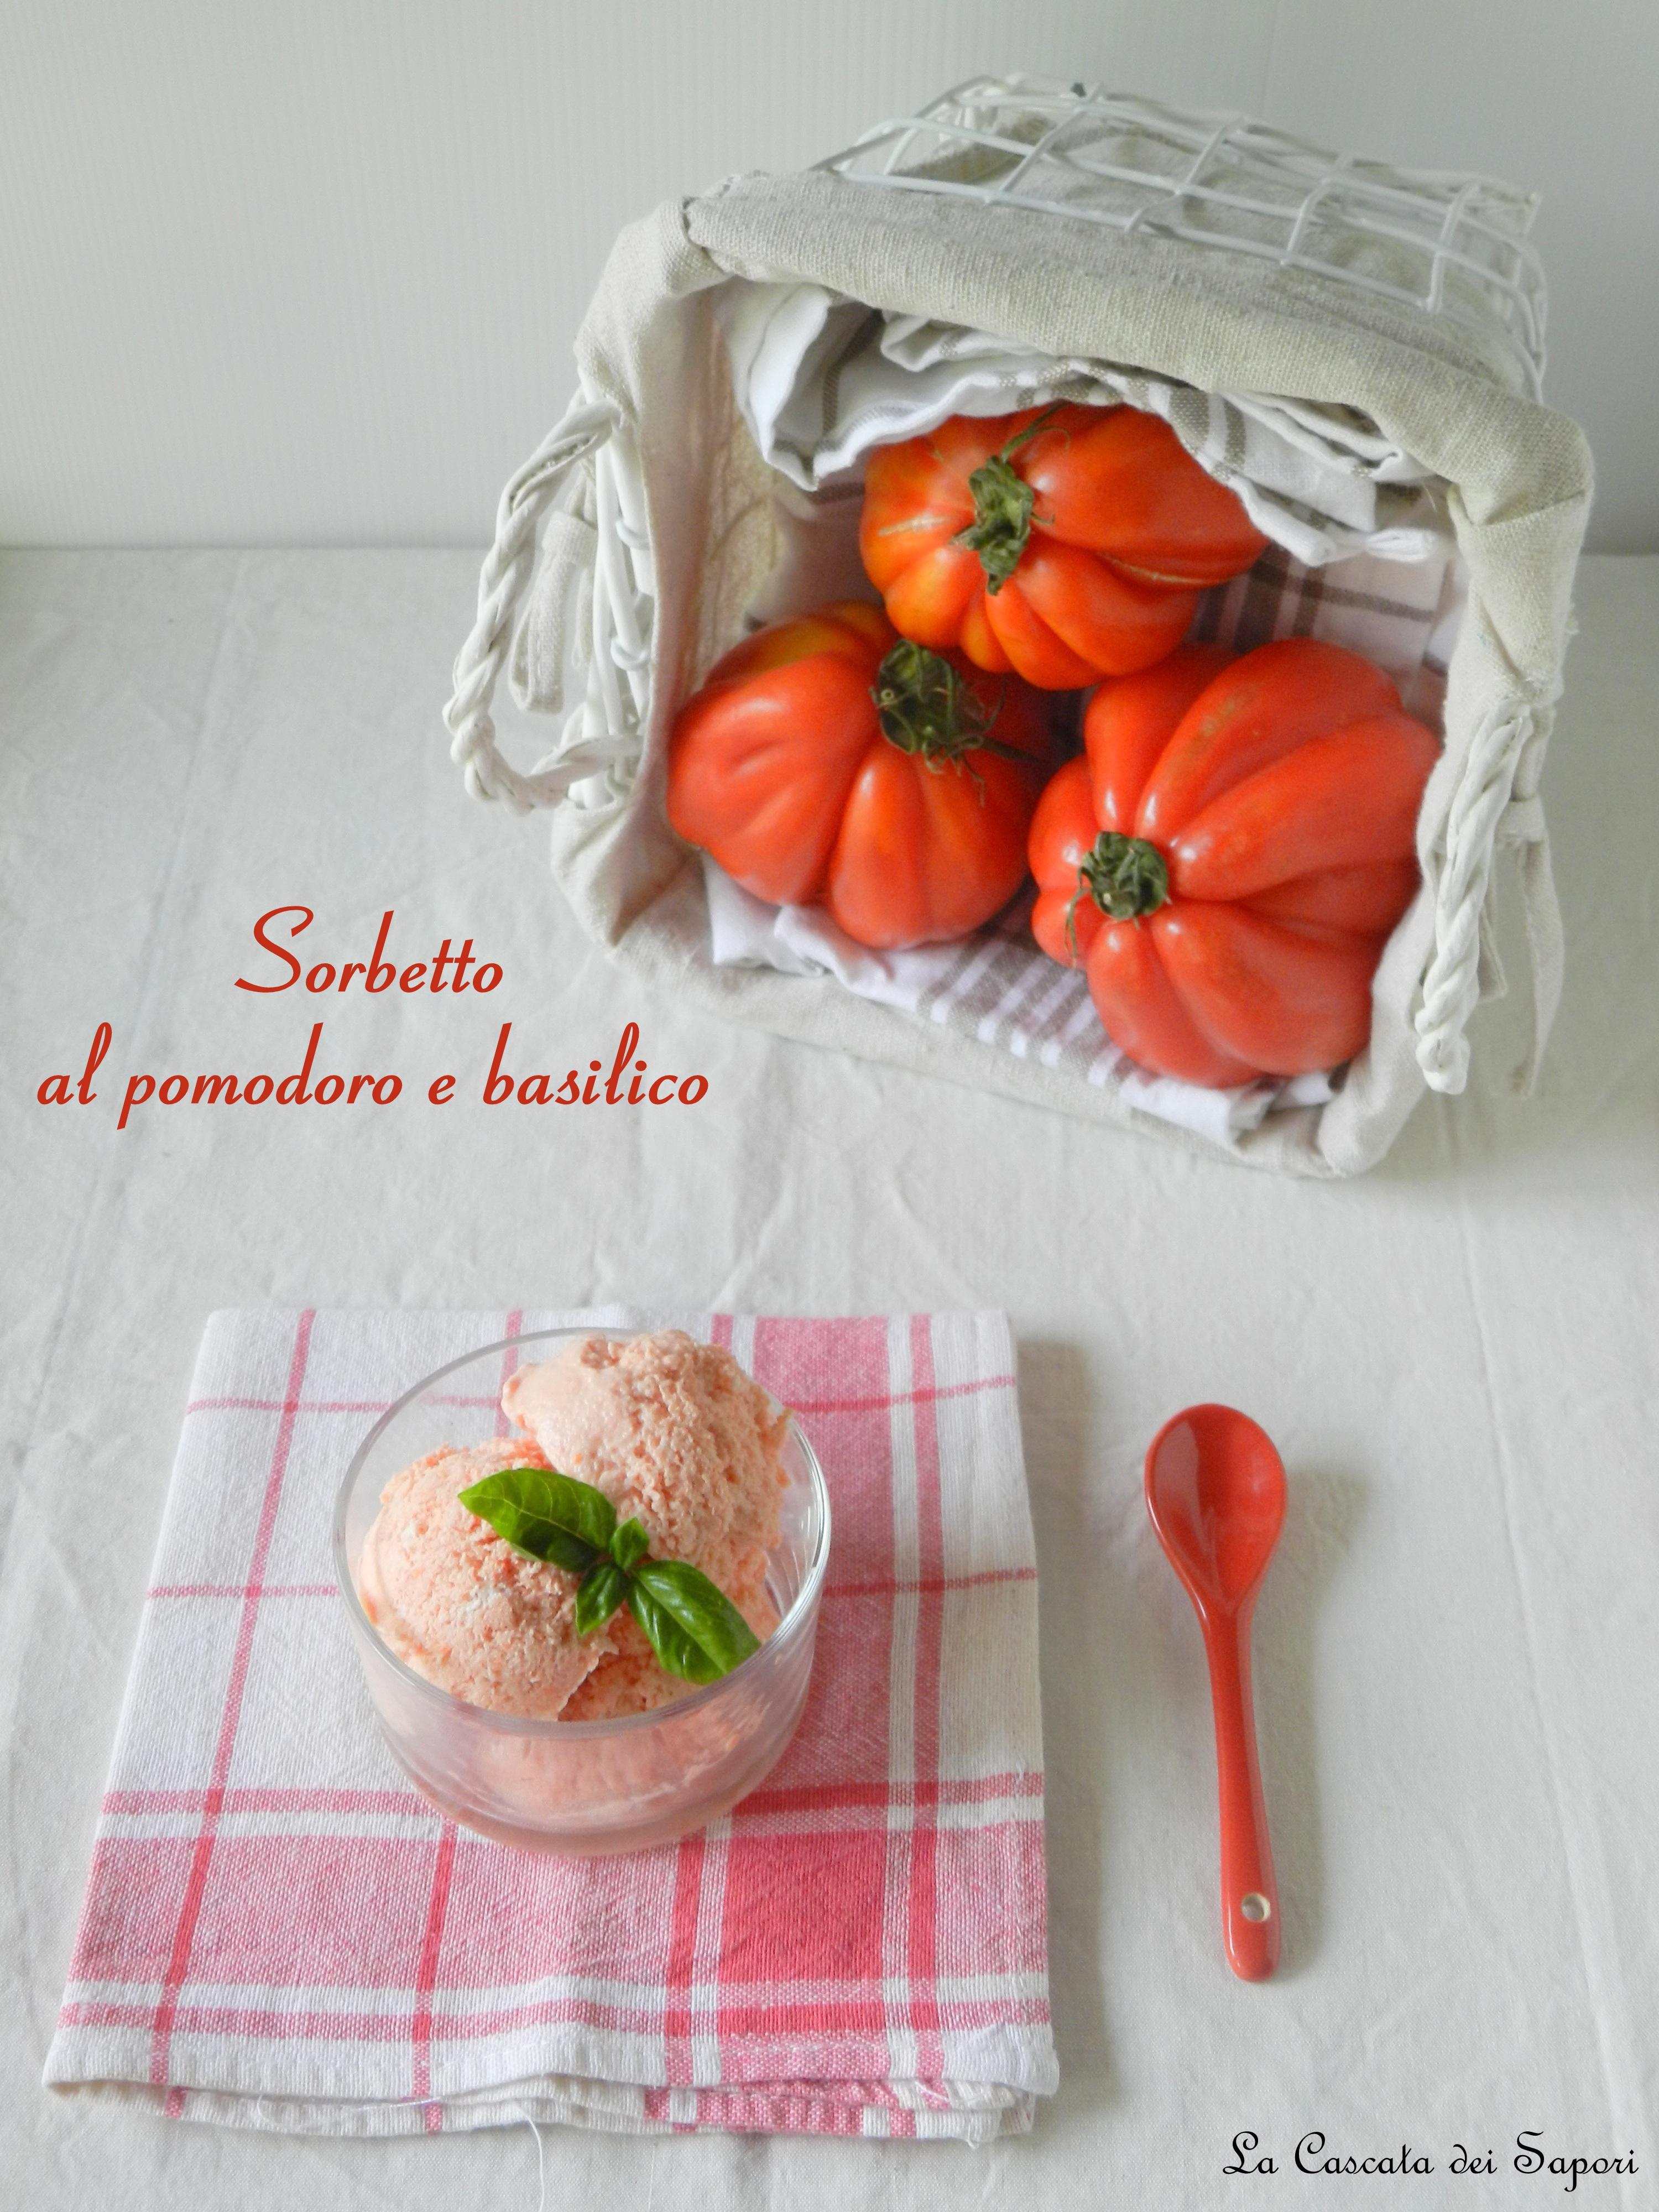 Sorbetto-al-pomodoro-e-basilico